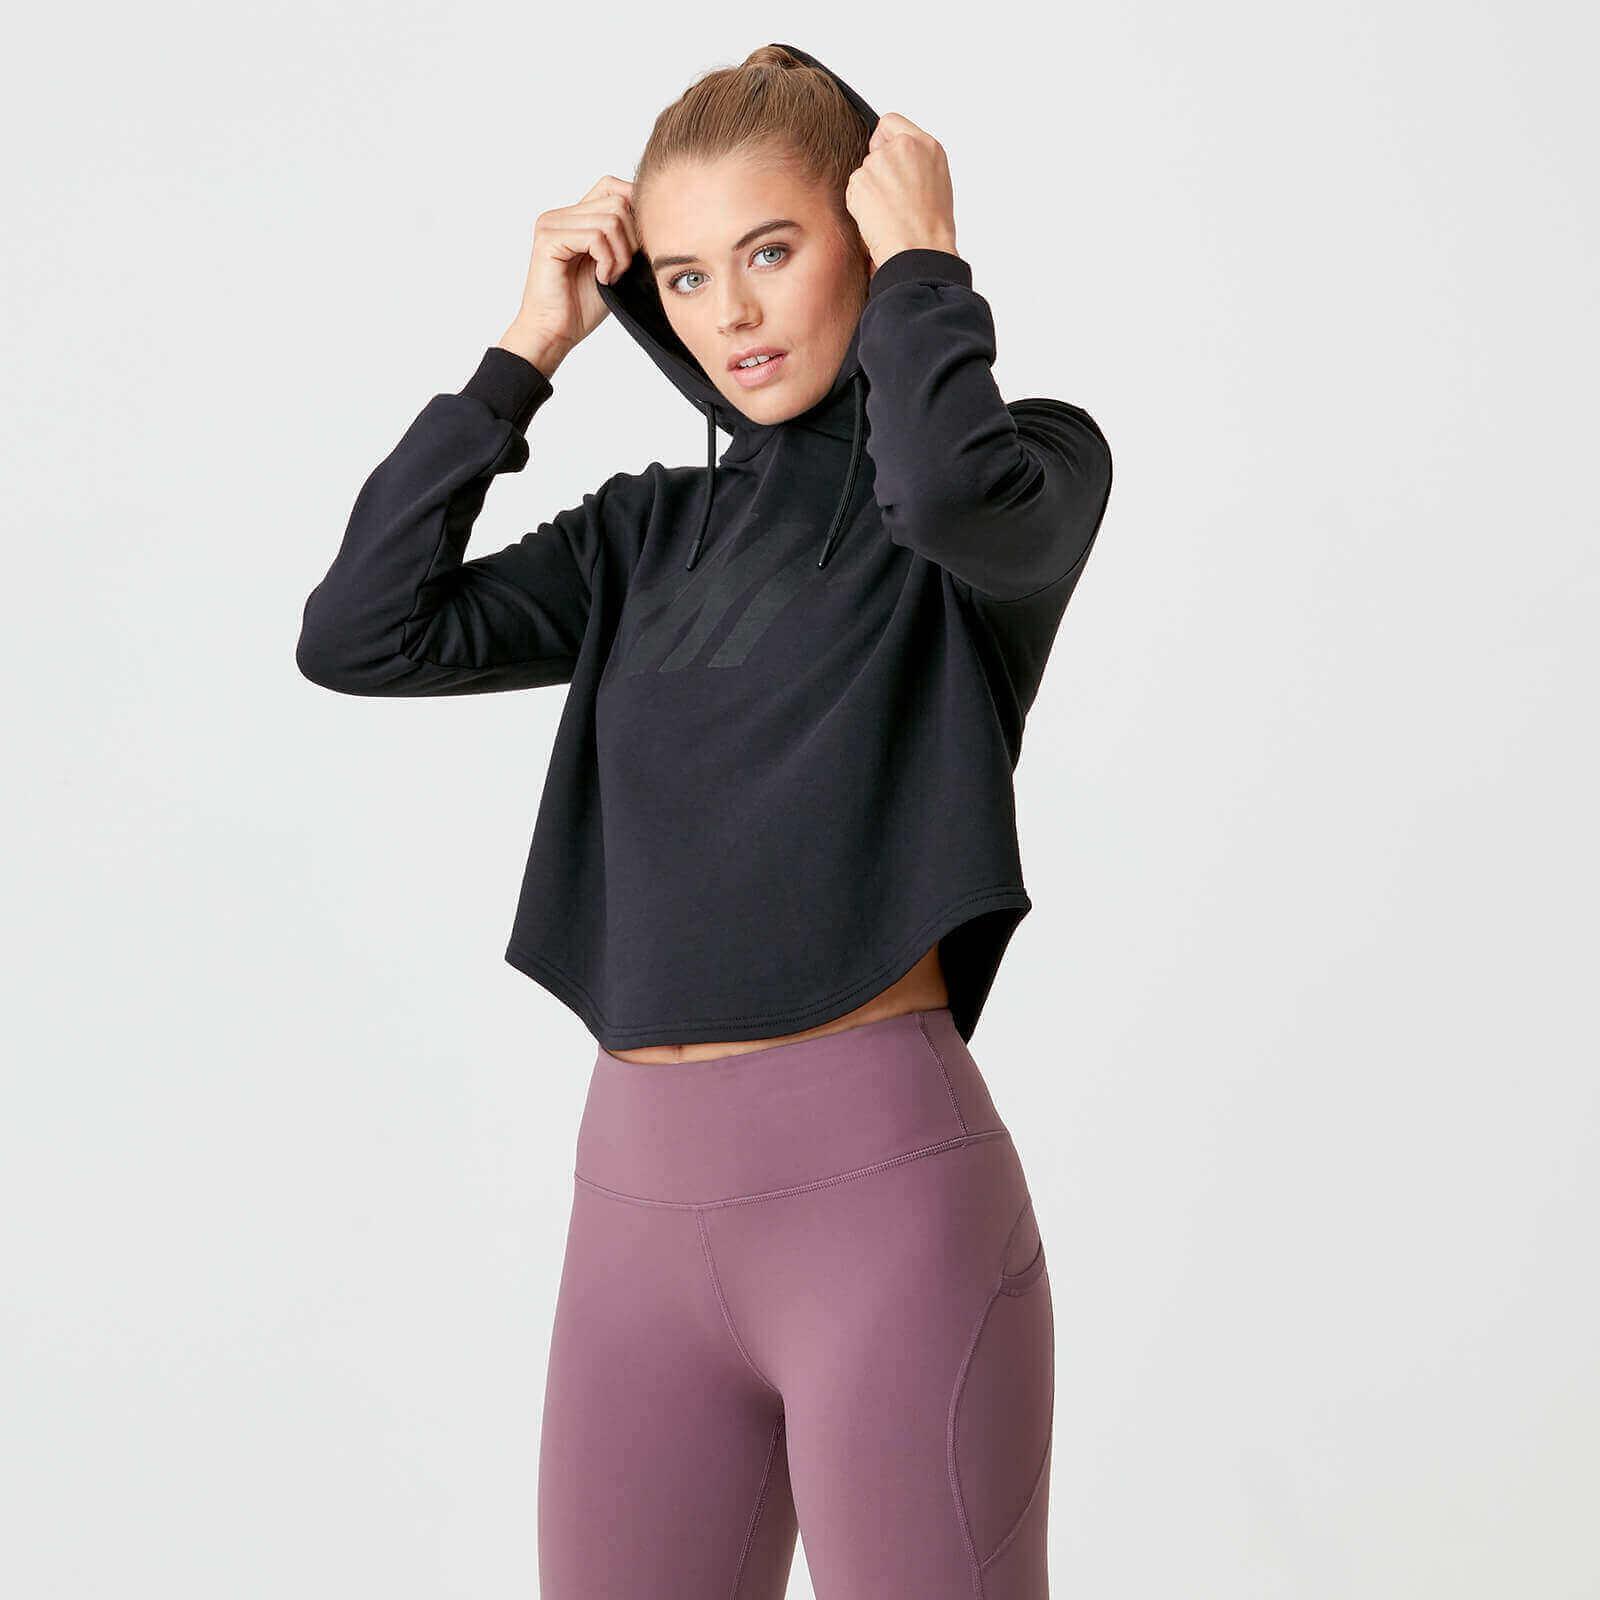 Bis zu 30% Rabatt auf Kleidung